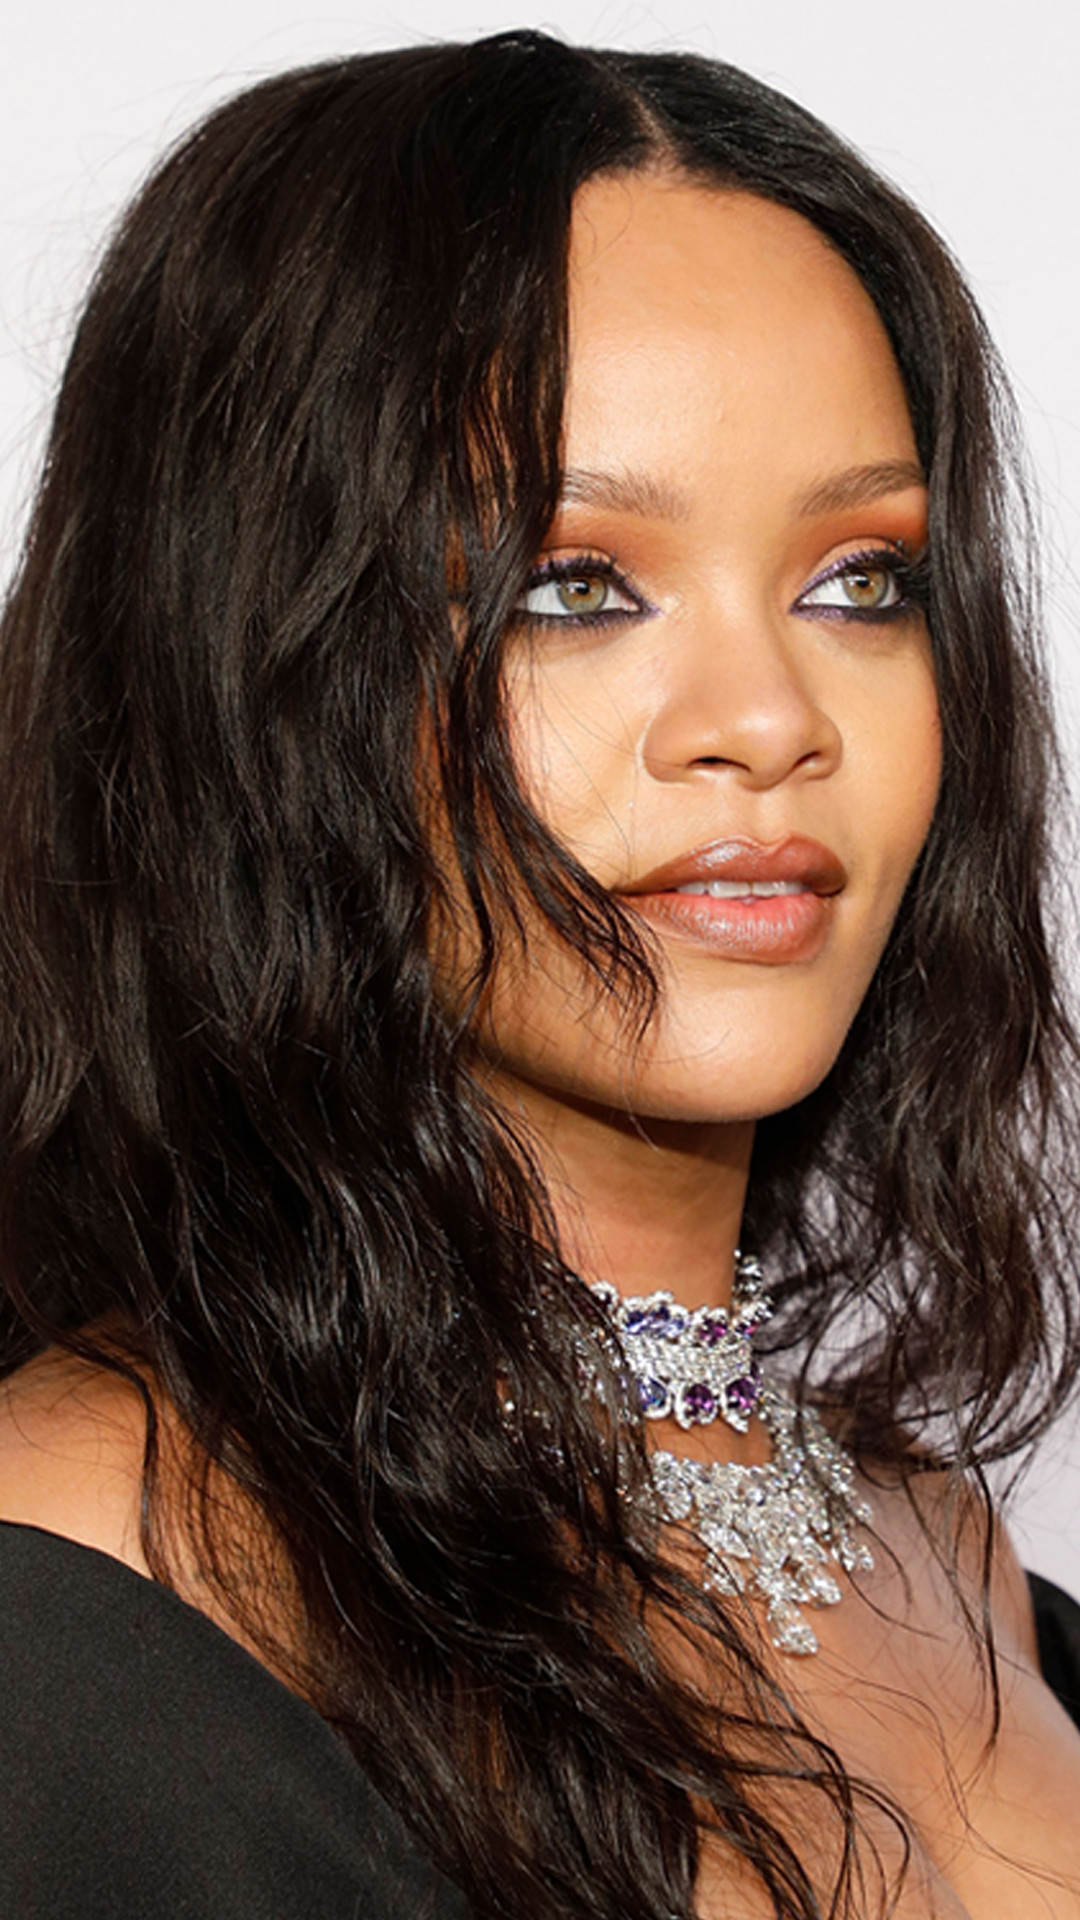 Rihanna Hizo Unas Polémicas Declaraciones Sobre Las Personas